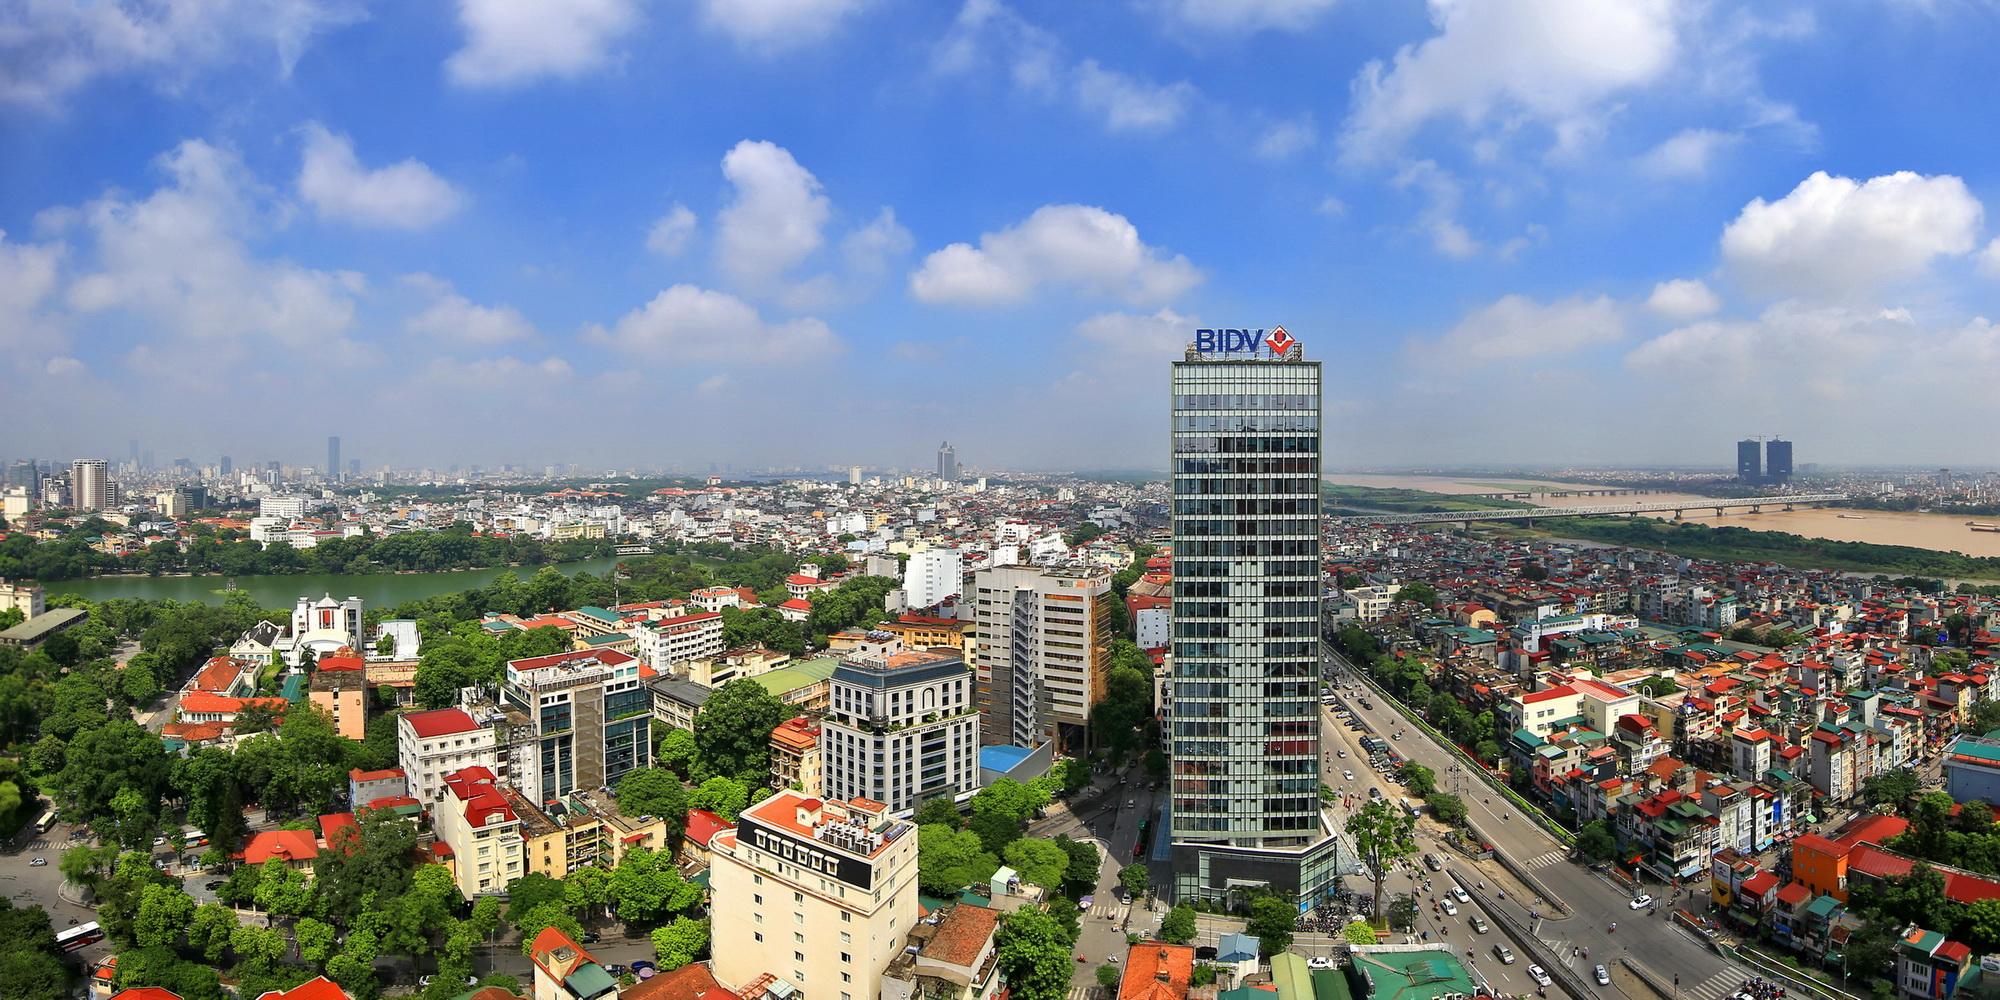 BIDV phát hành 15% vốn cho KEB Hana Bank